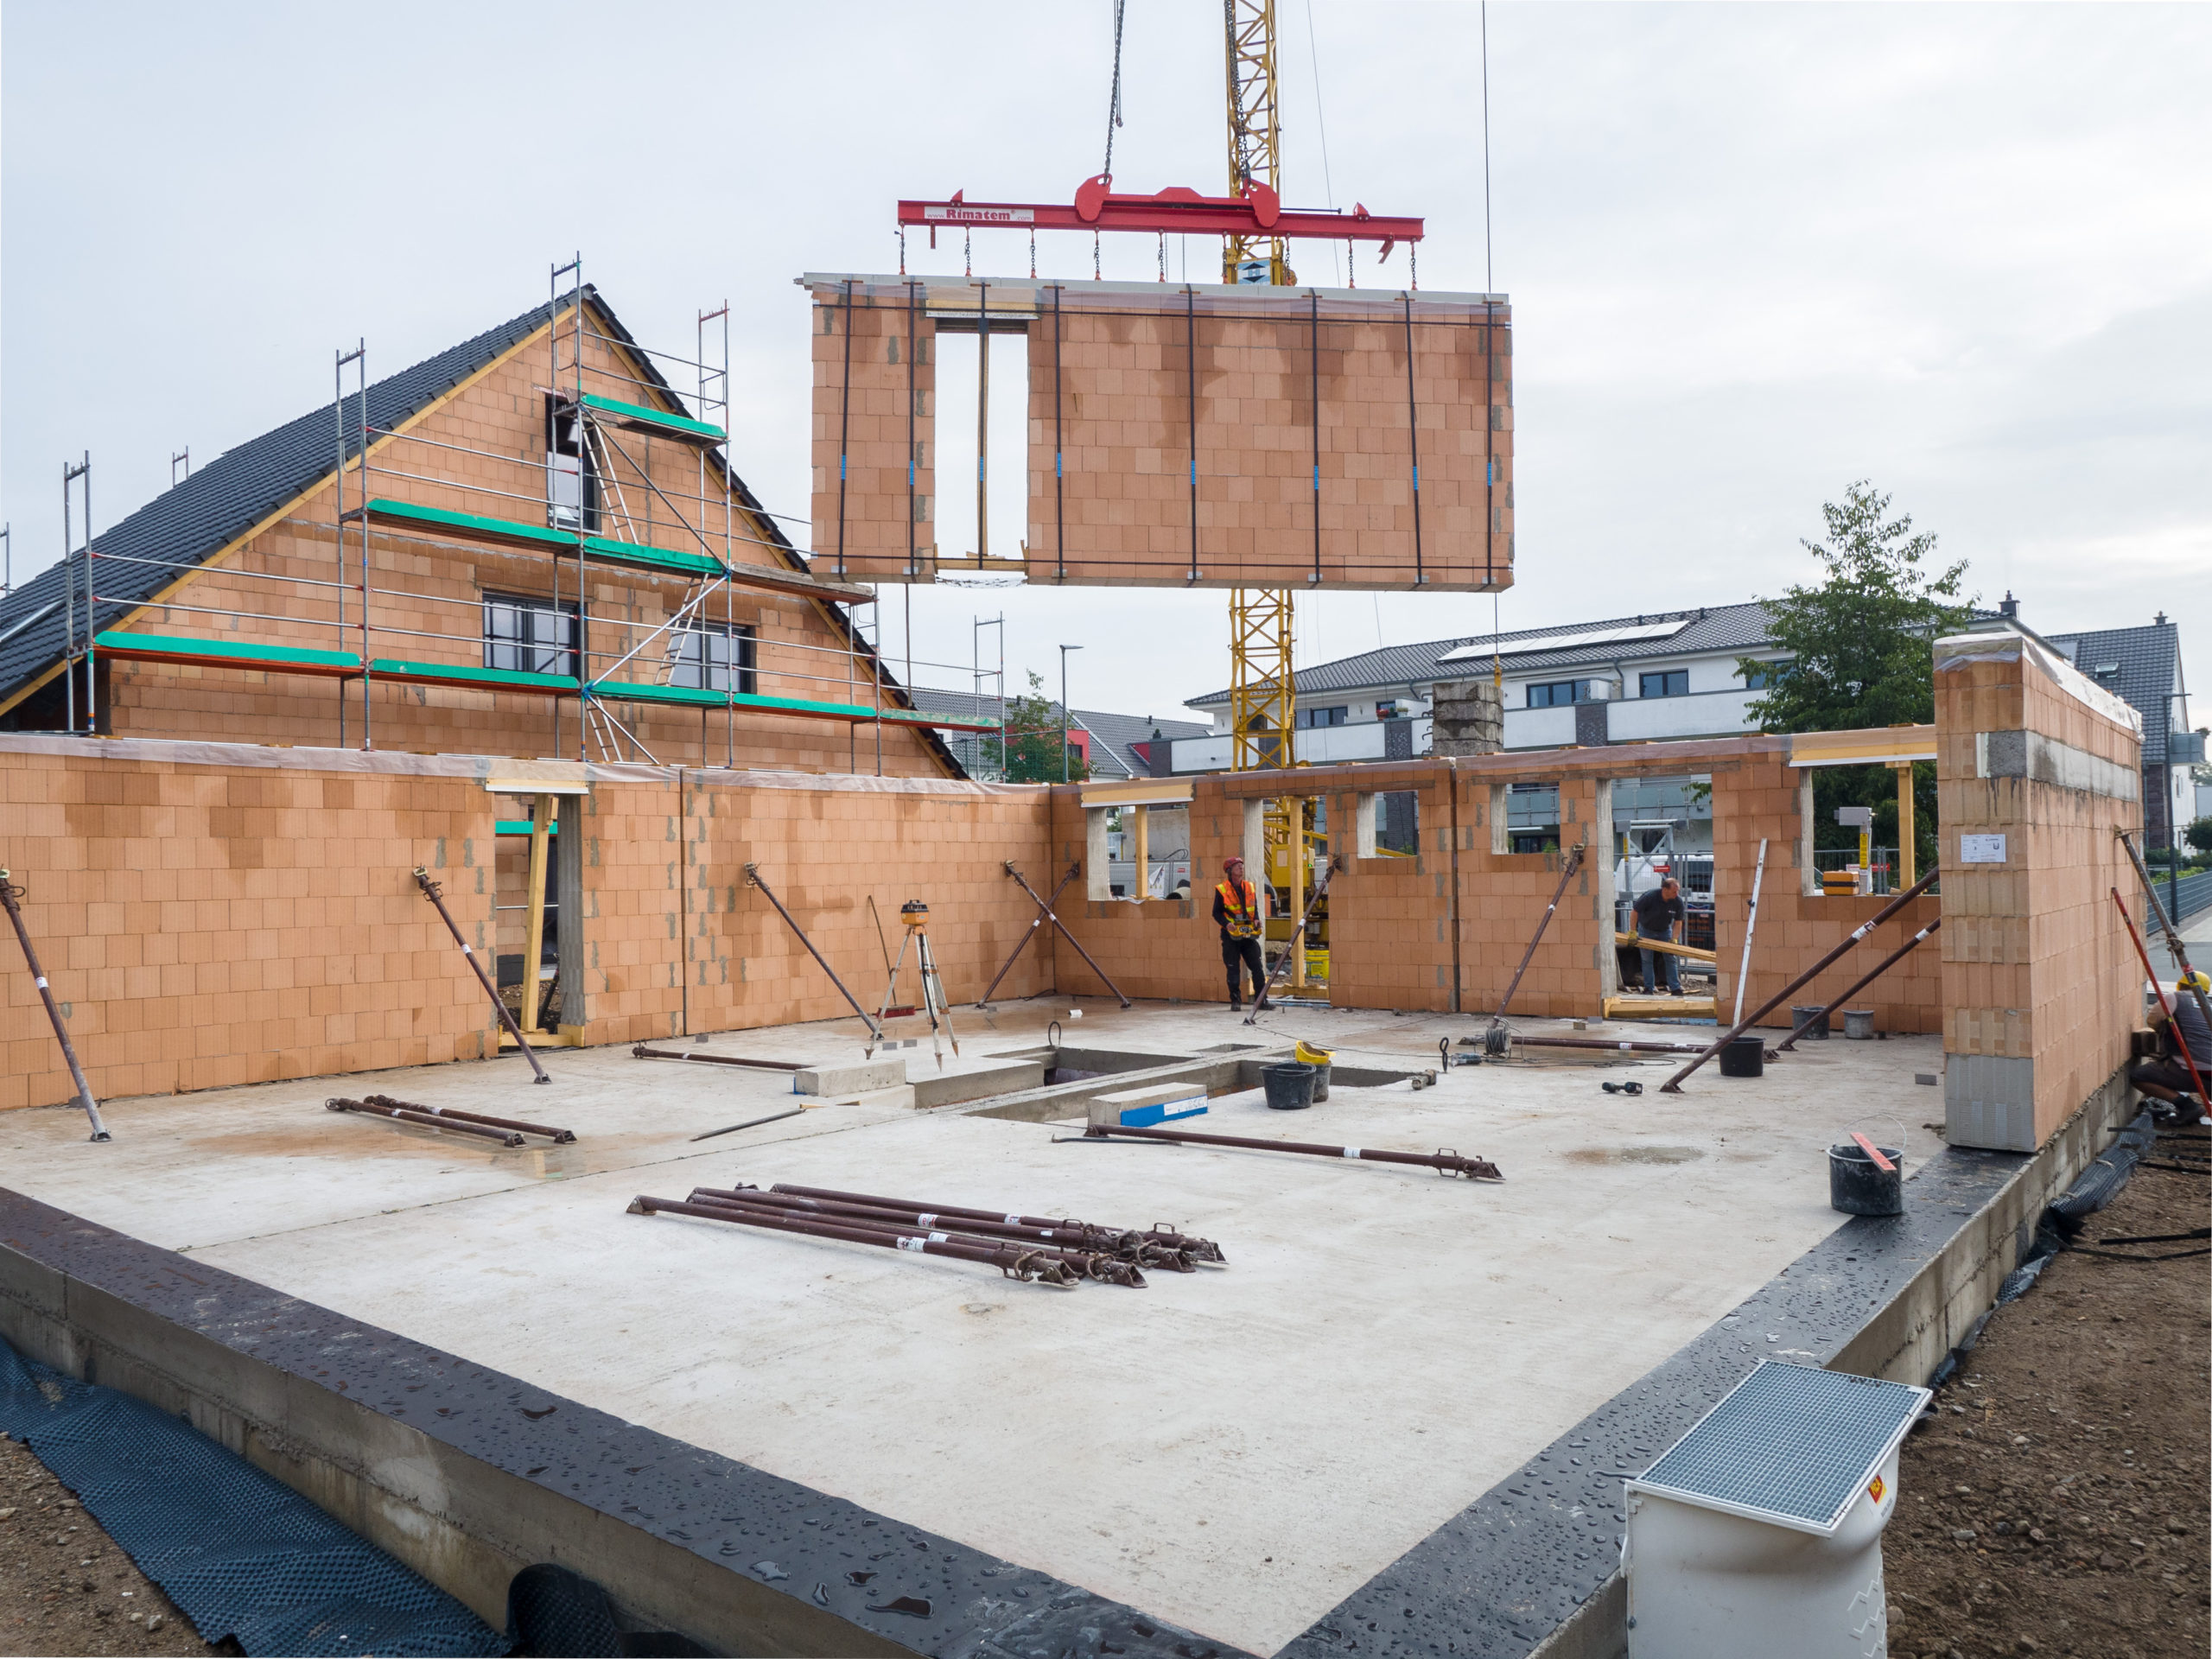 Neubau von 3 Doppelhäusern in Ziegelelementbauweise